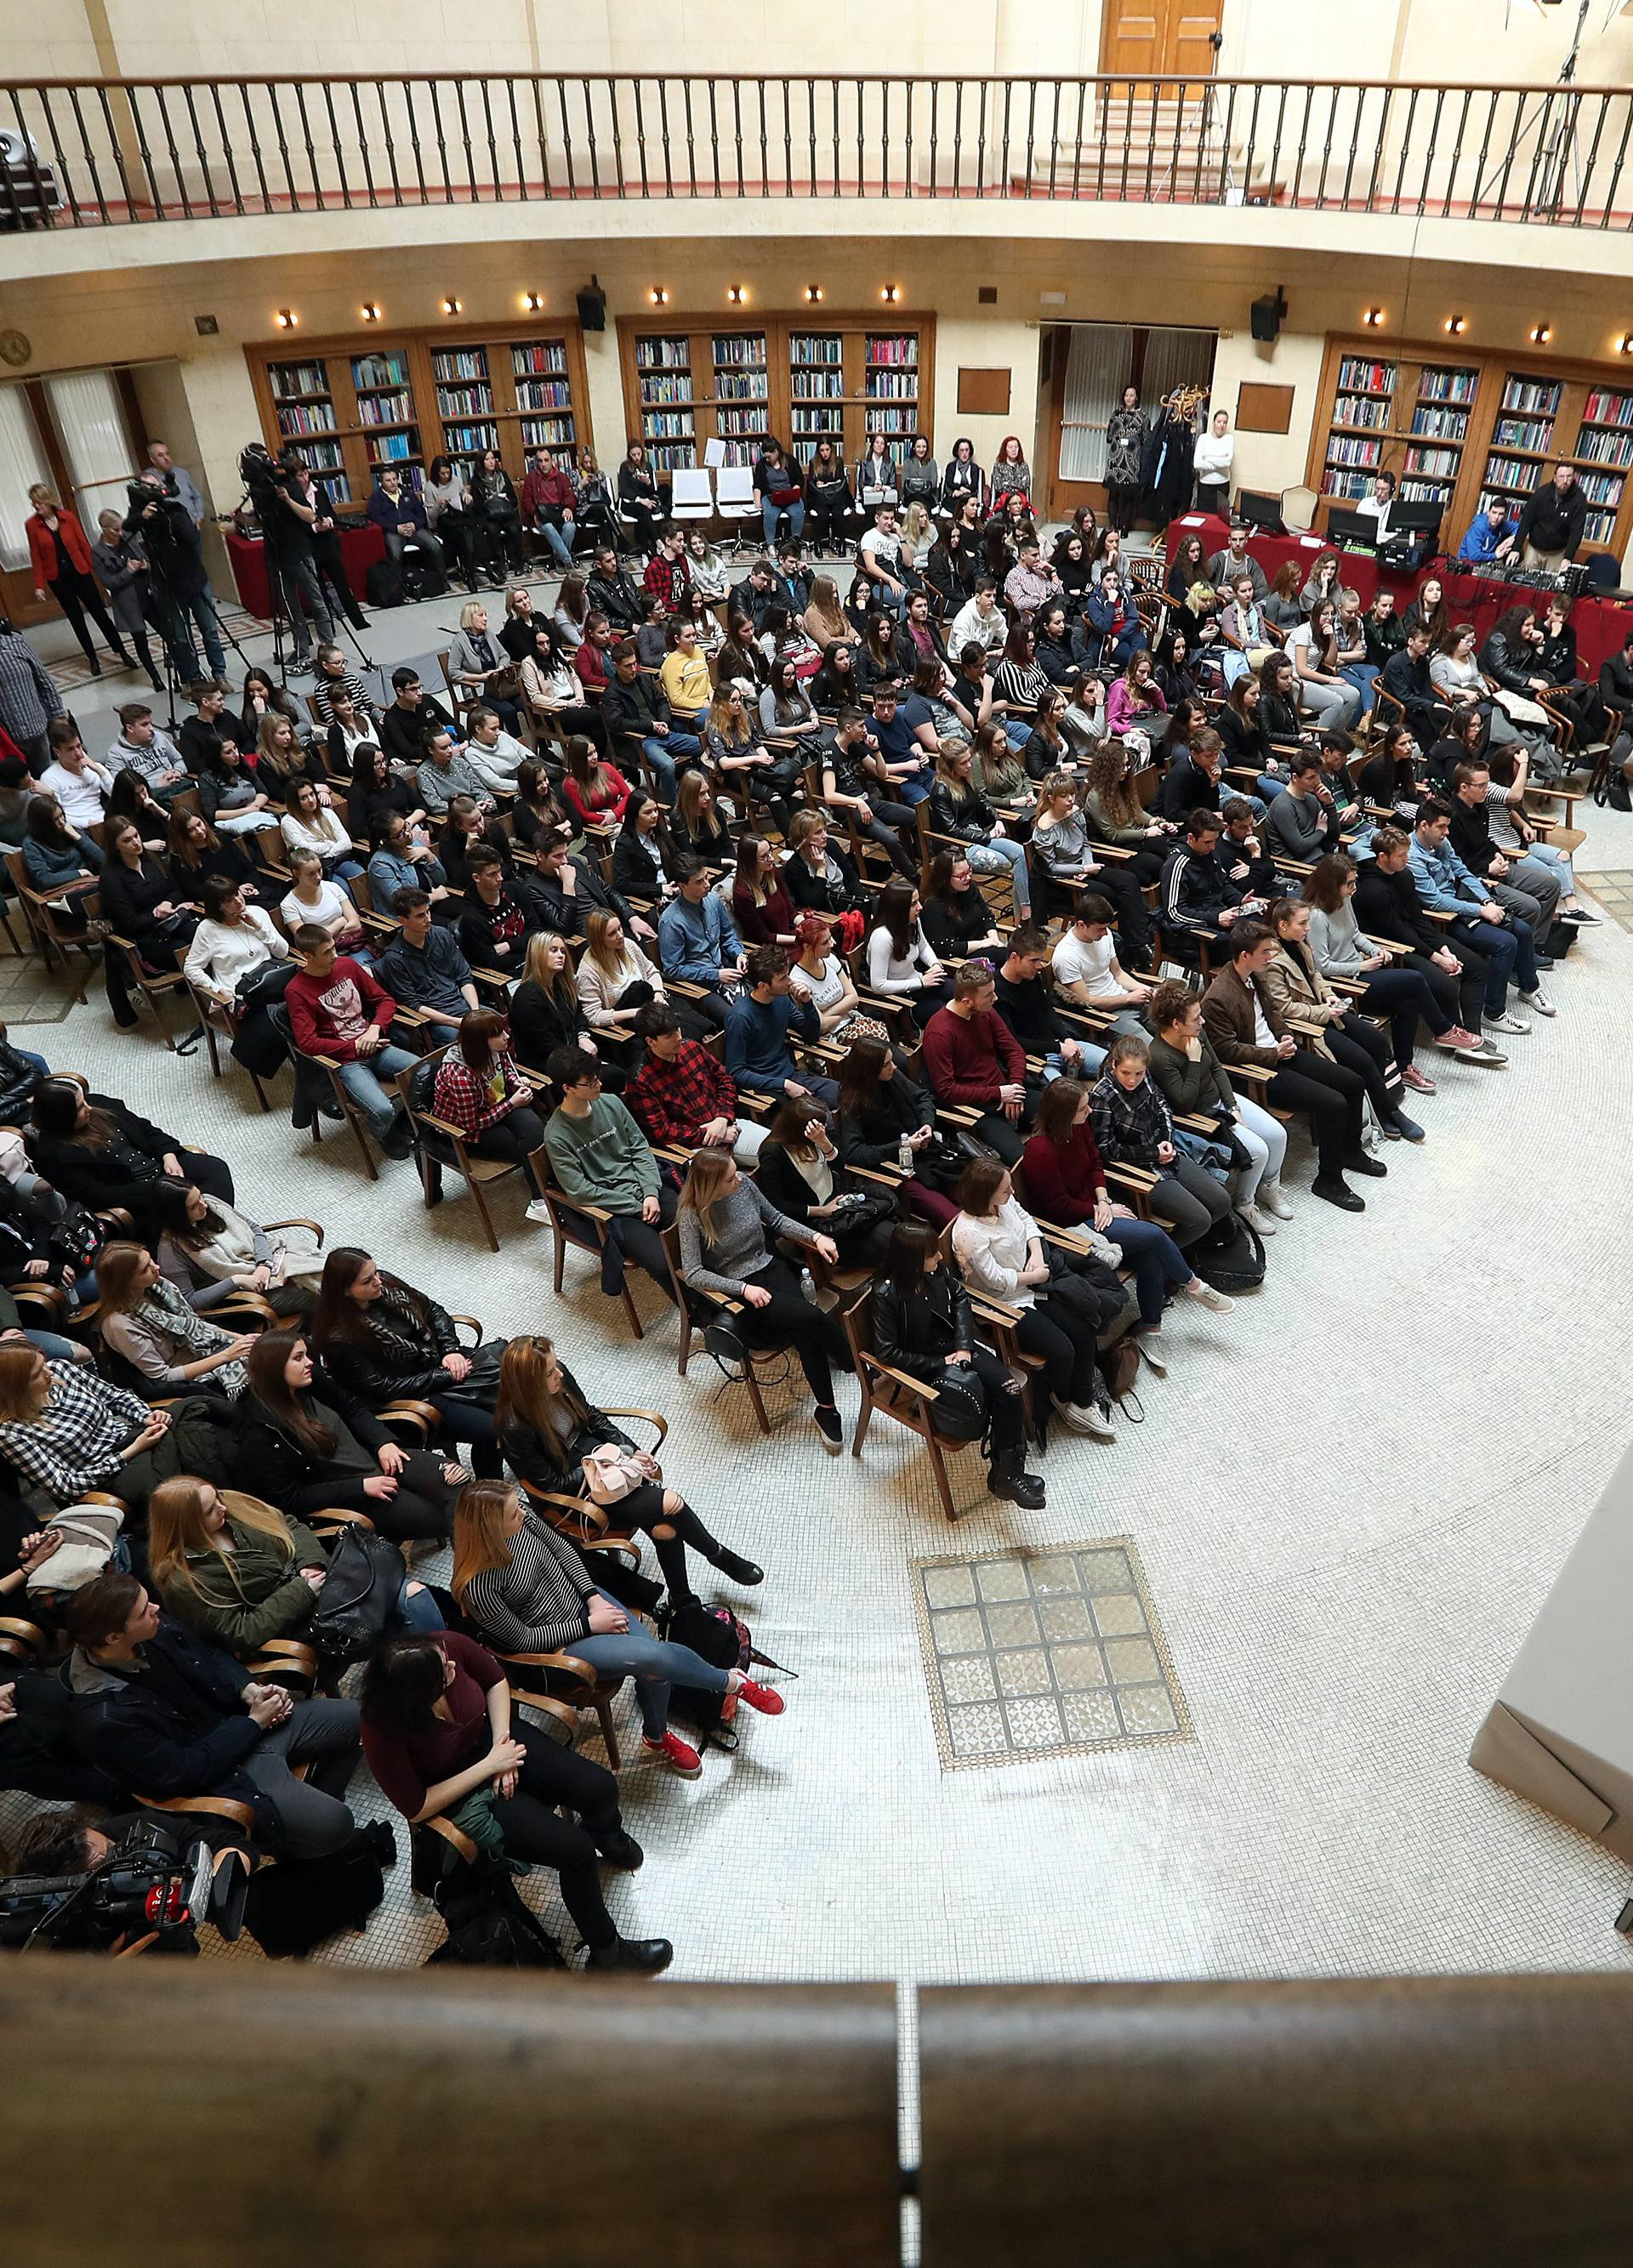 Debata u HNB-u: Srednjoškolci raspravljali o uvođenju Eura